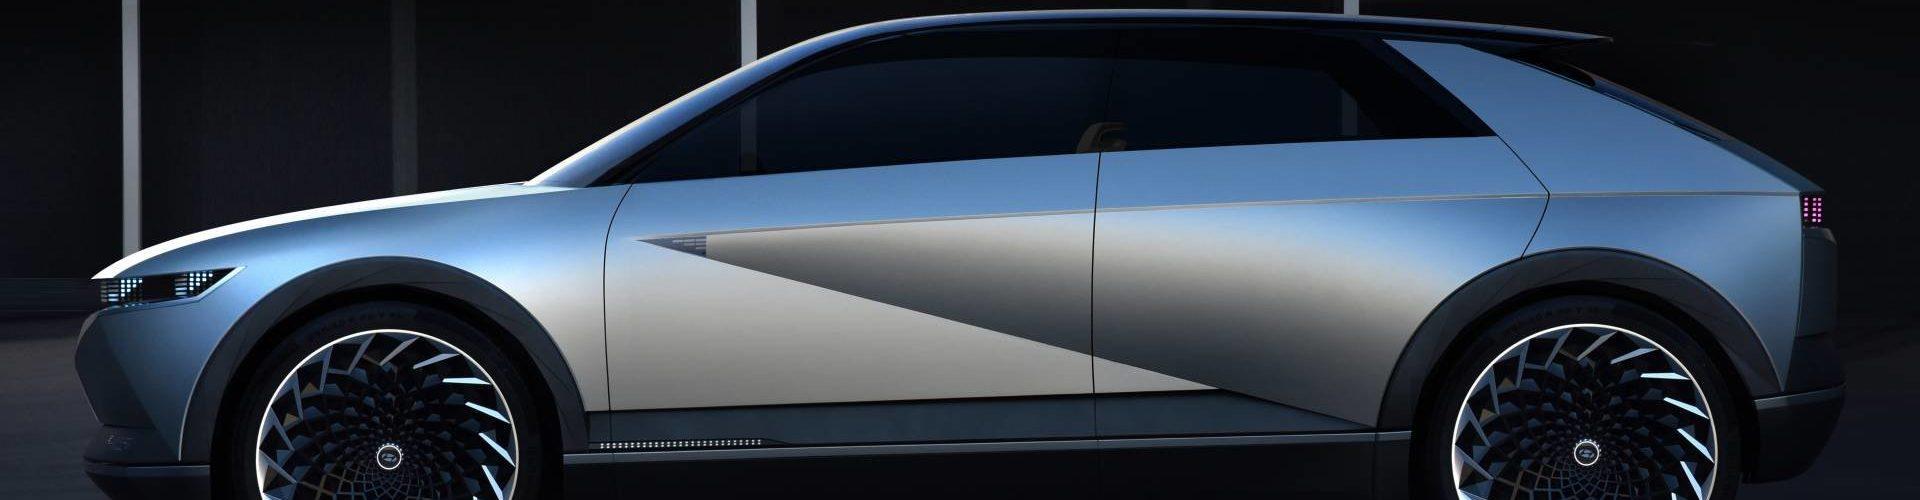 {арактеристики электромобиля Hyundai IONIQ 5.